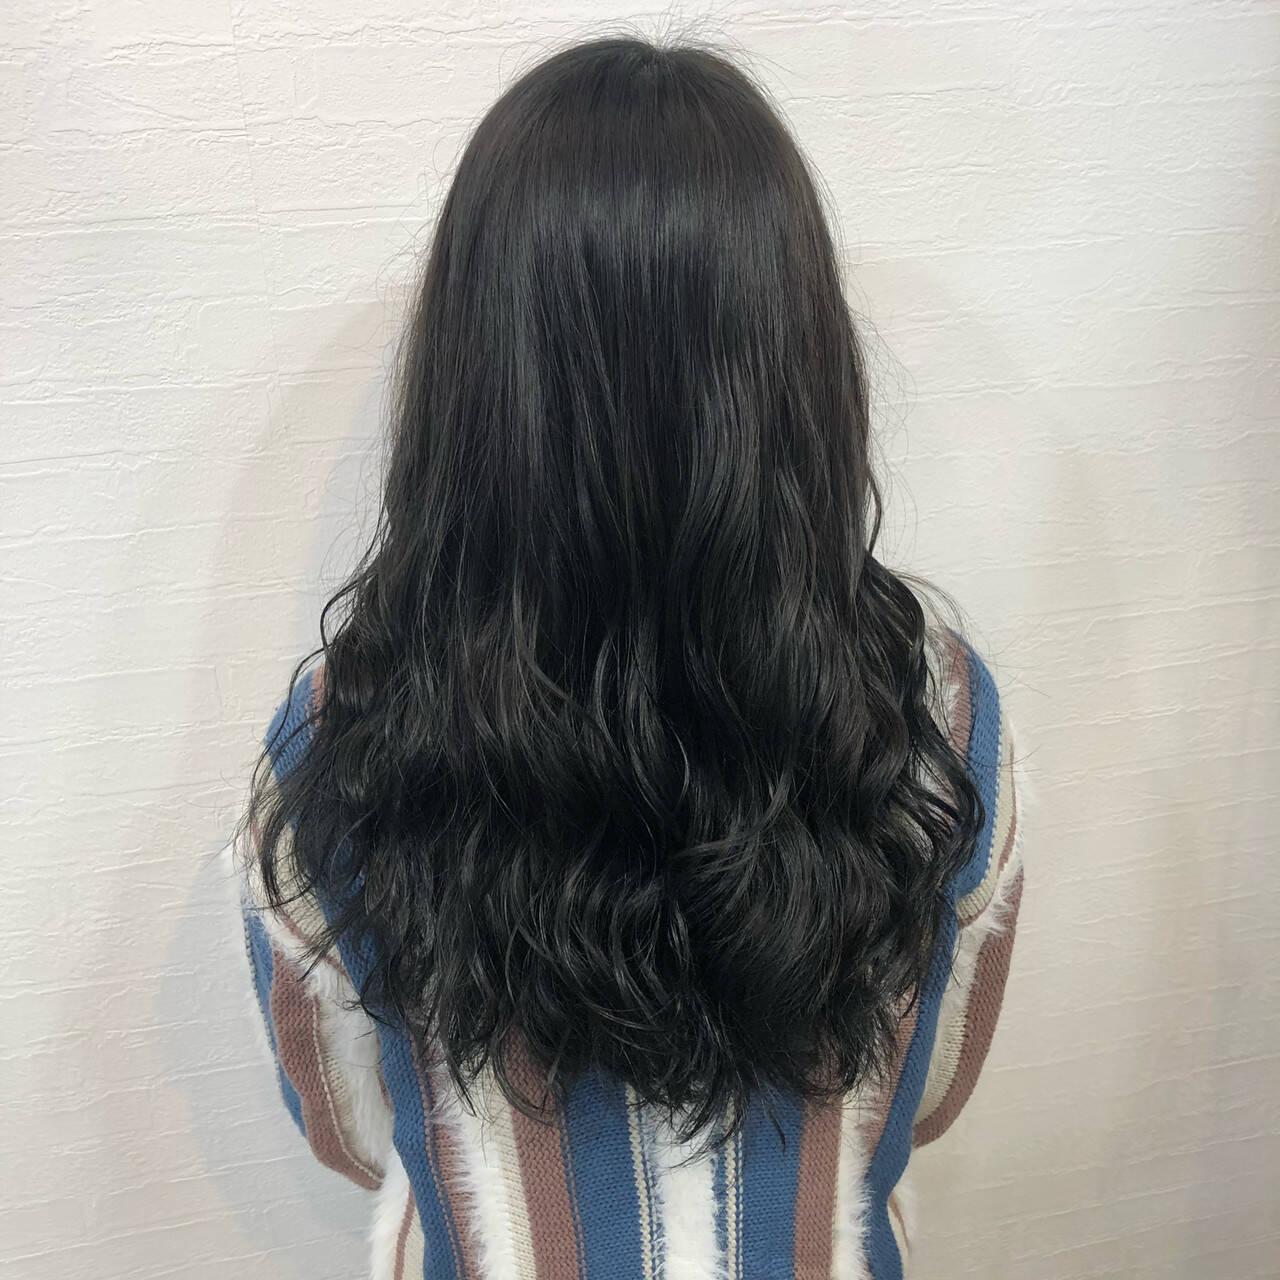 ブルージュ ナチュラル ネイビーブルー ロングヘアスタイルや髪型の写真・画像